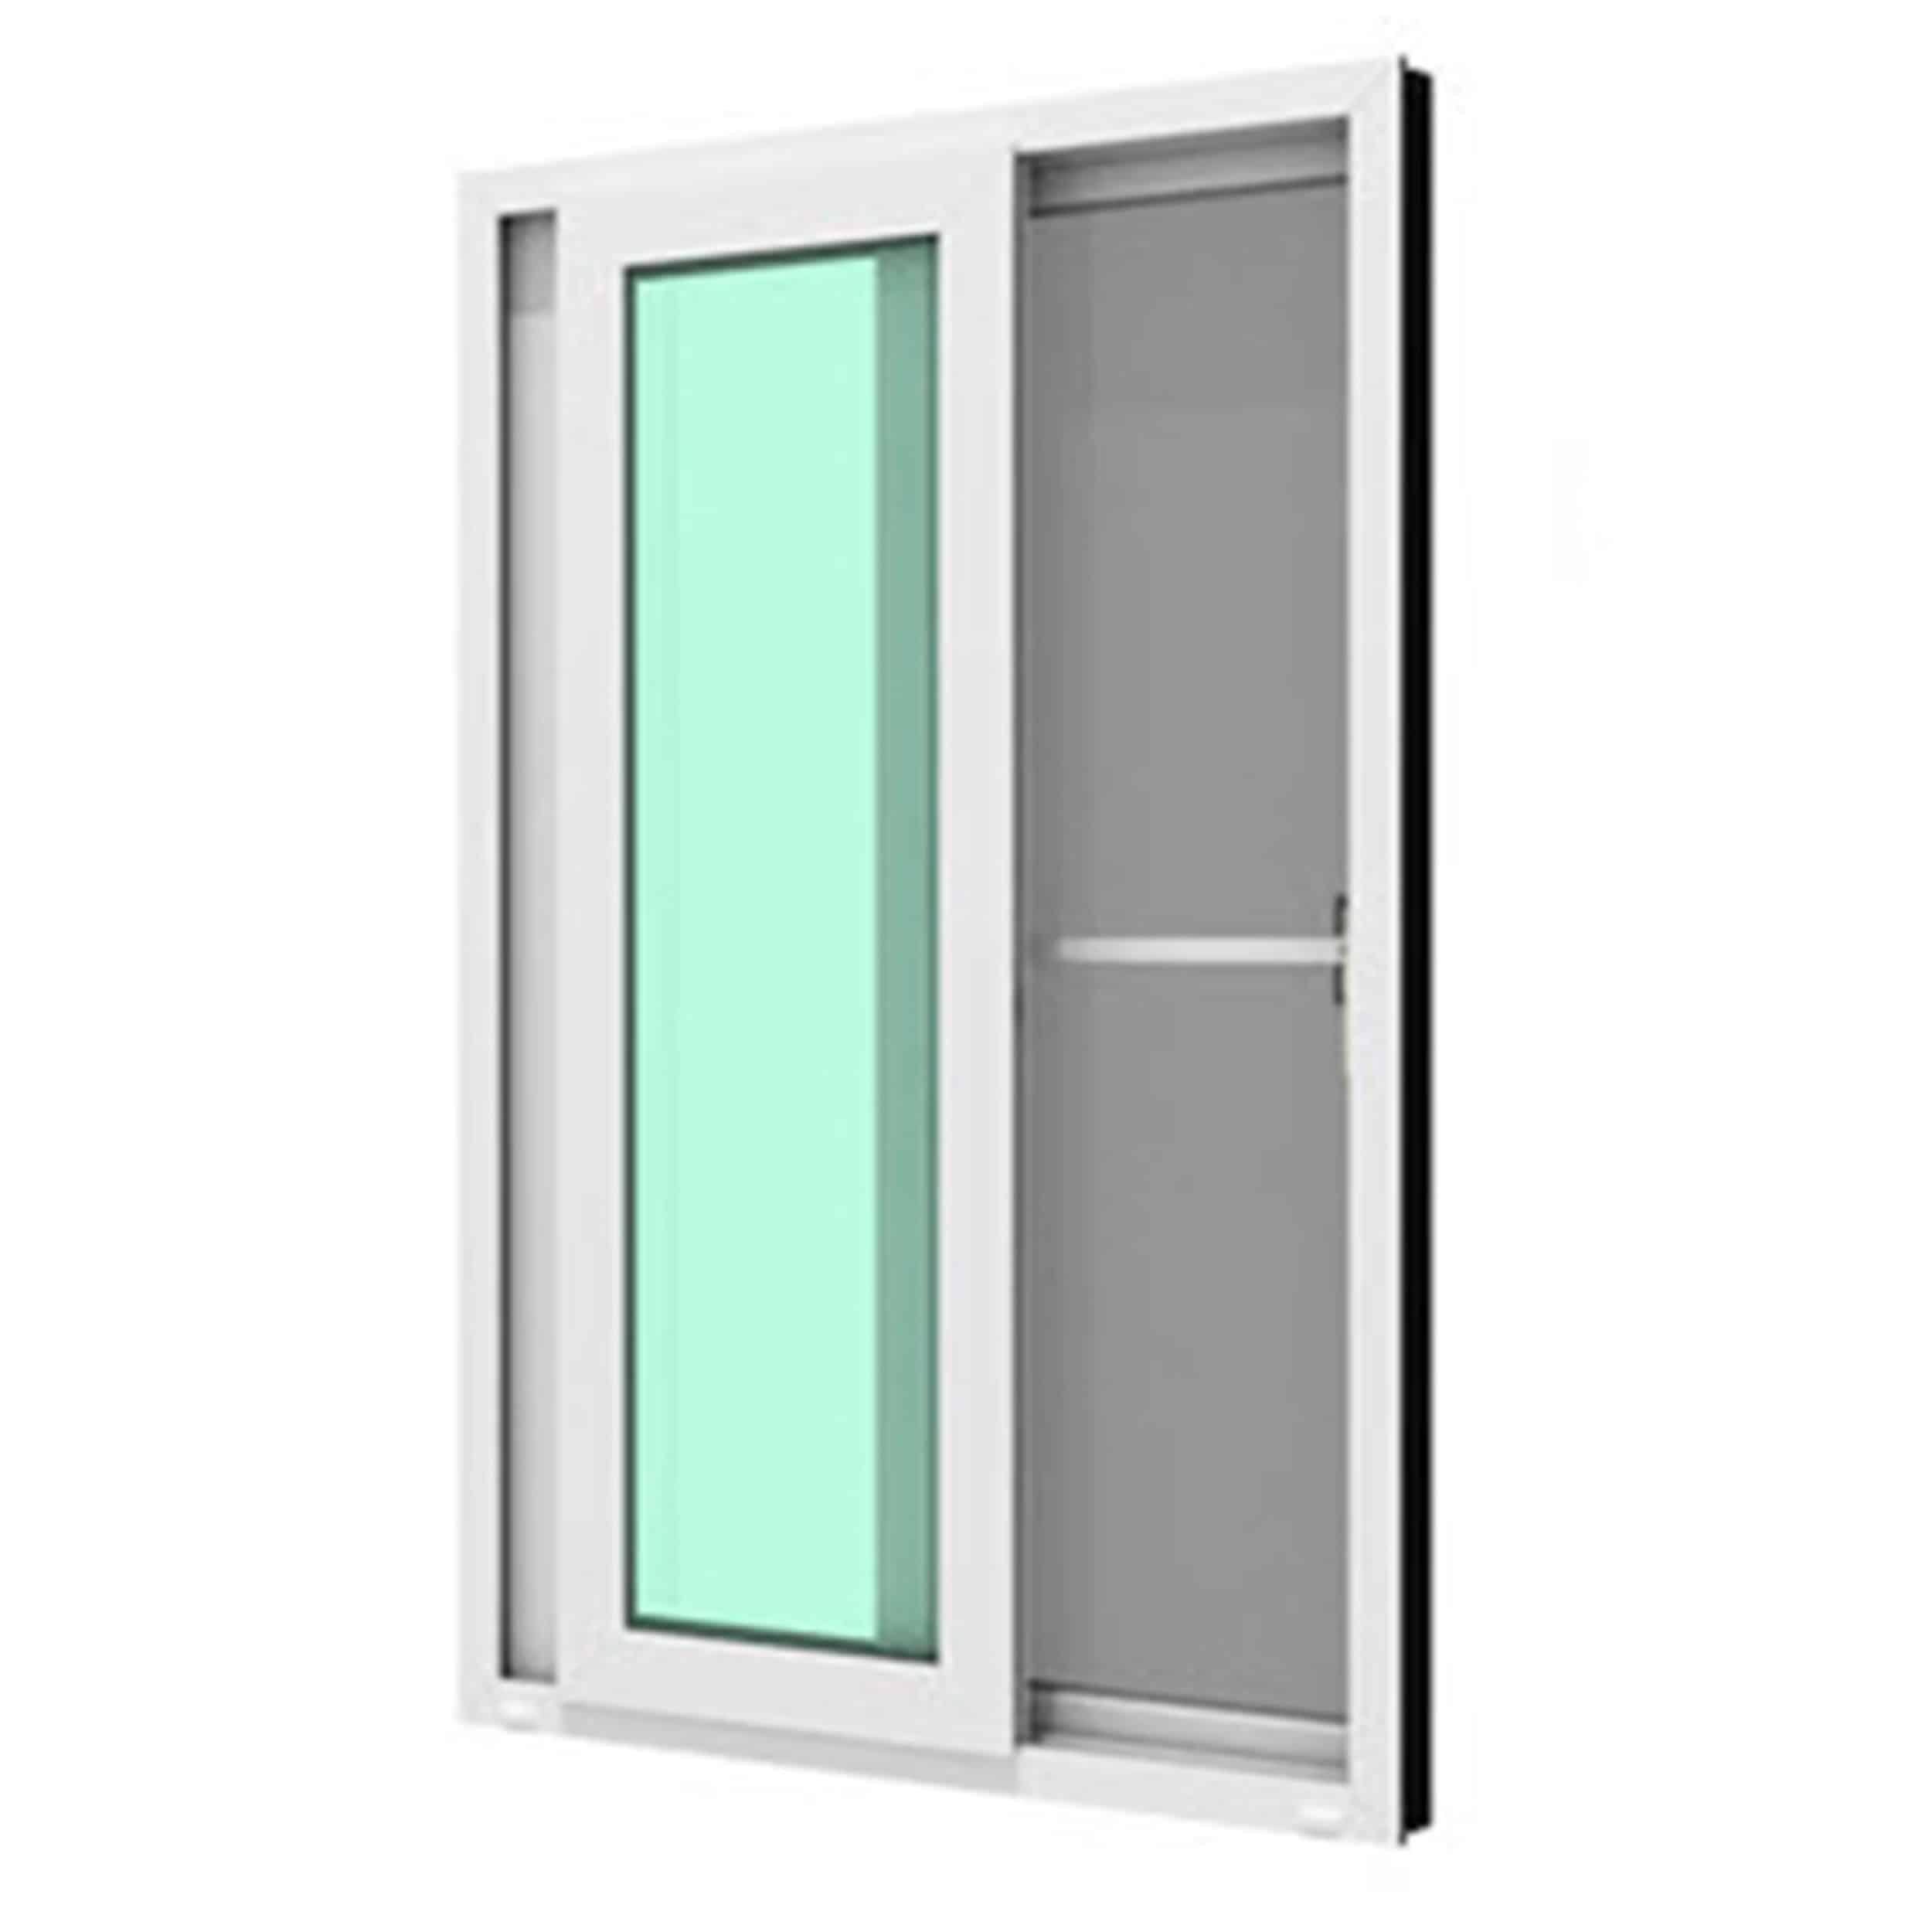 หน้าต่างบานเลื่อนคู่ WINDSOR รุ่น SIGNATURE กระจกเขียวใส 6 มม.